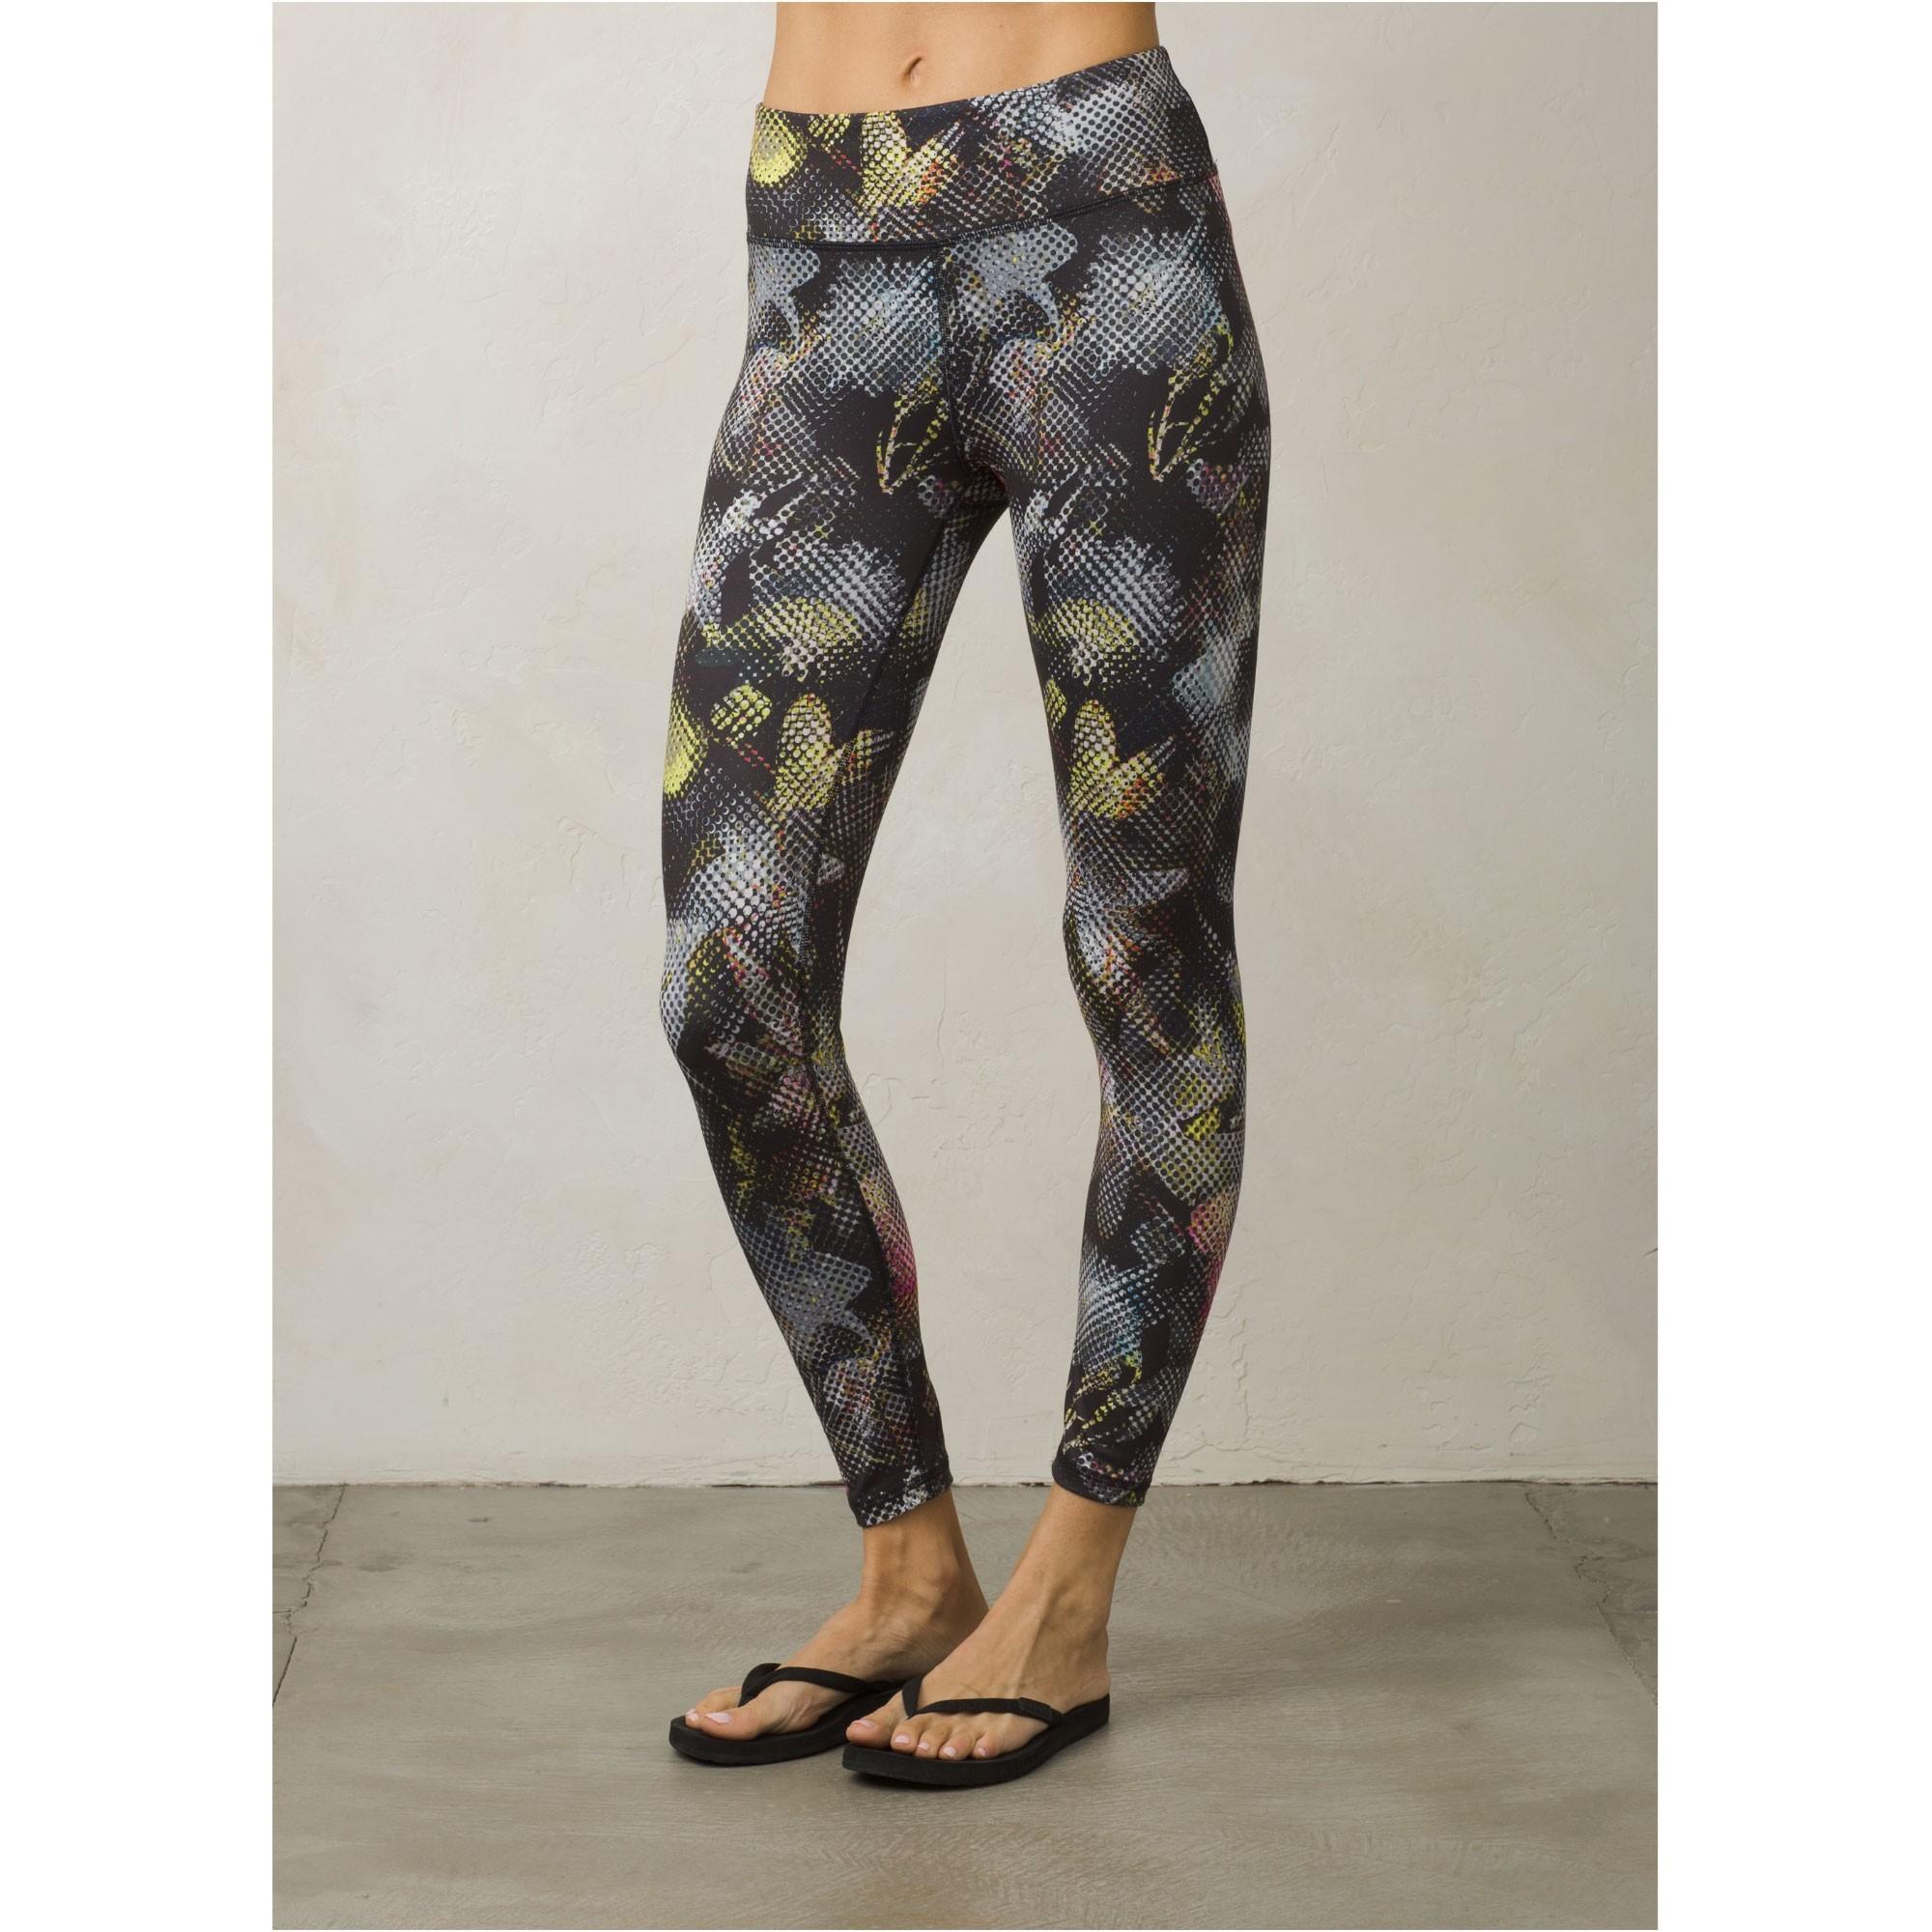 Prana-Roxanne-Legging-Black-Digi-Flower